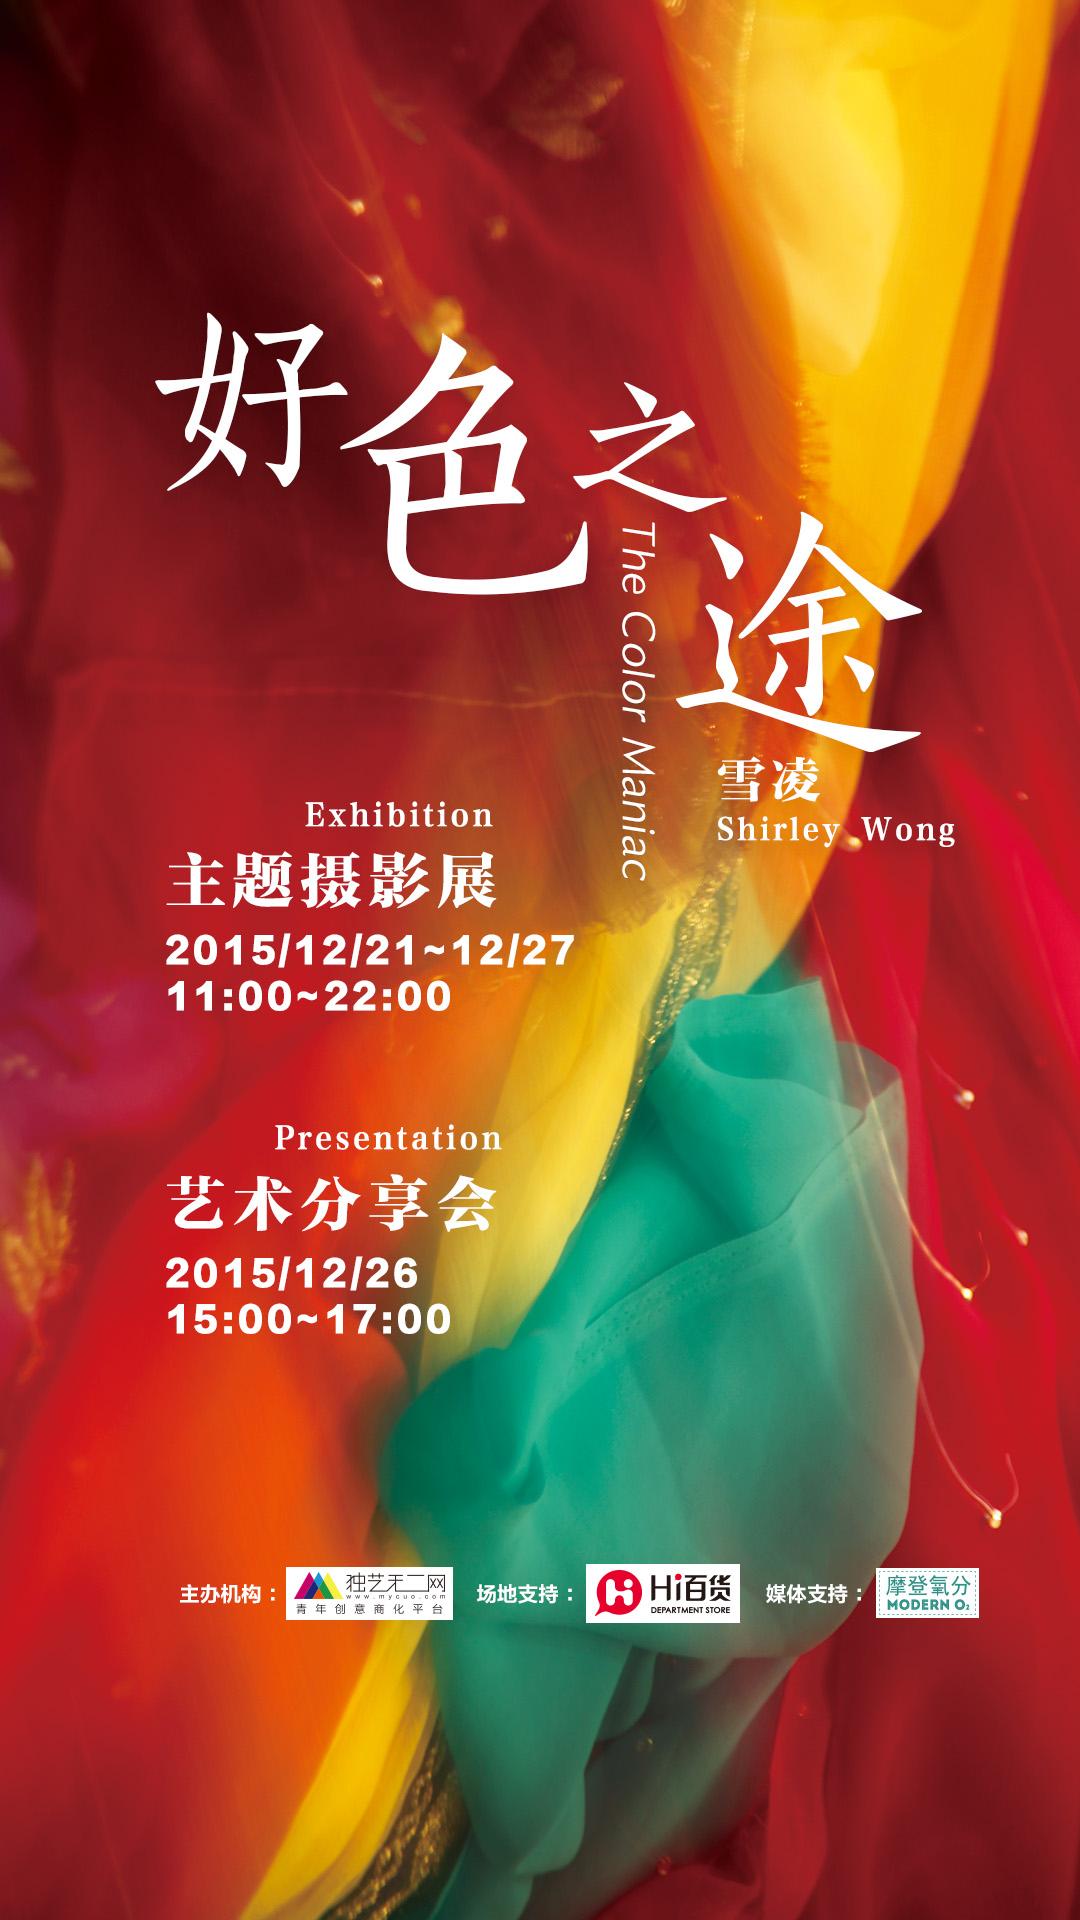 - 2015 photo exhibition GuangZhou.China